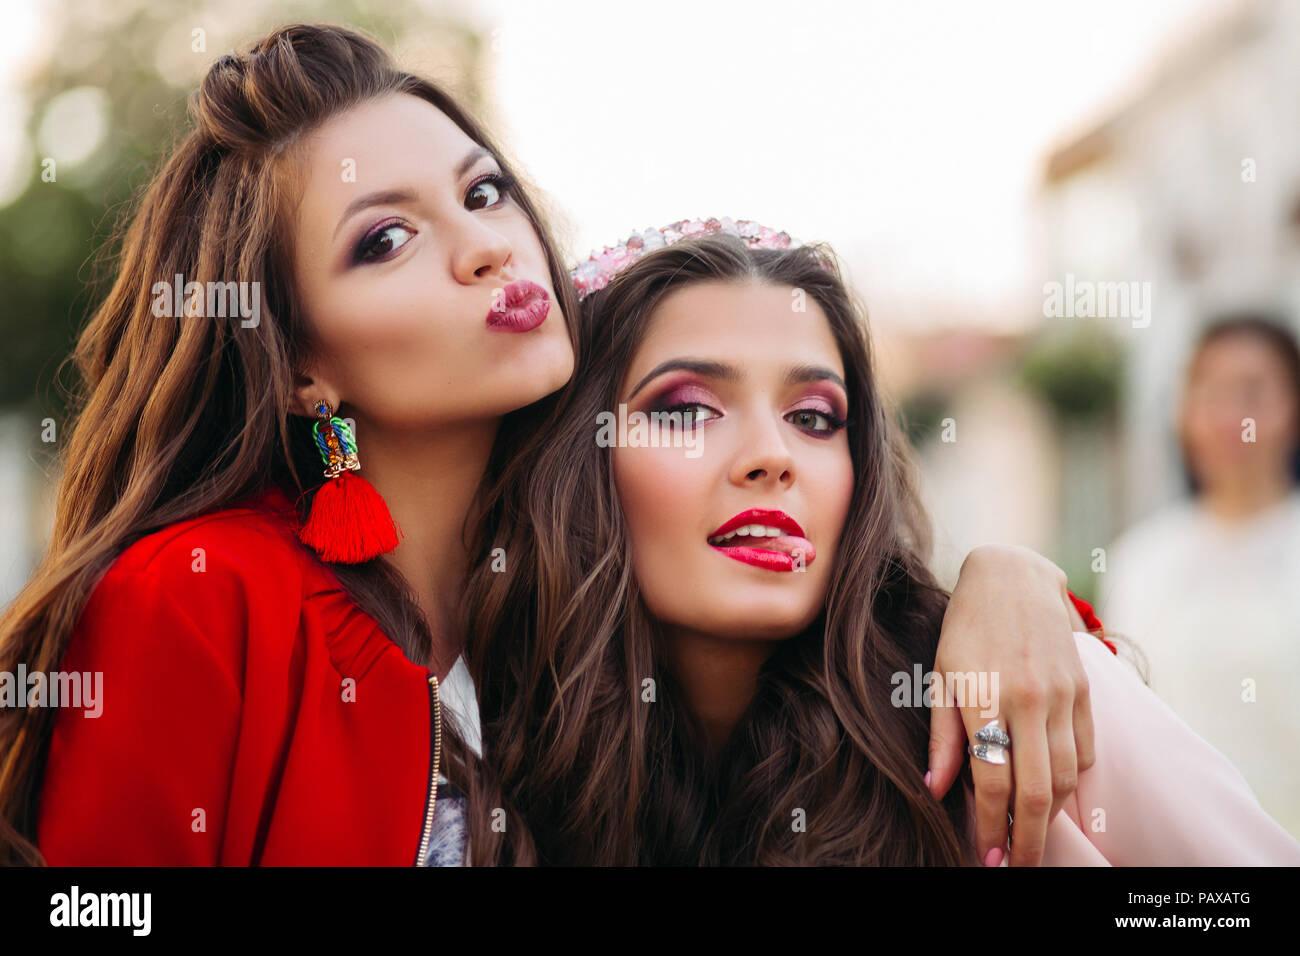 Retrato De Muchachas Bonitas Con Peinados Y Maquillaje Que